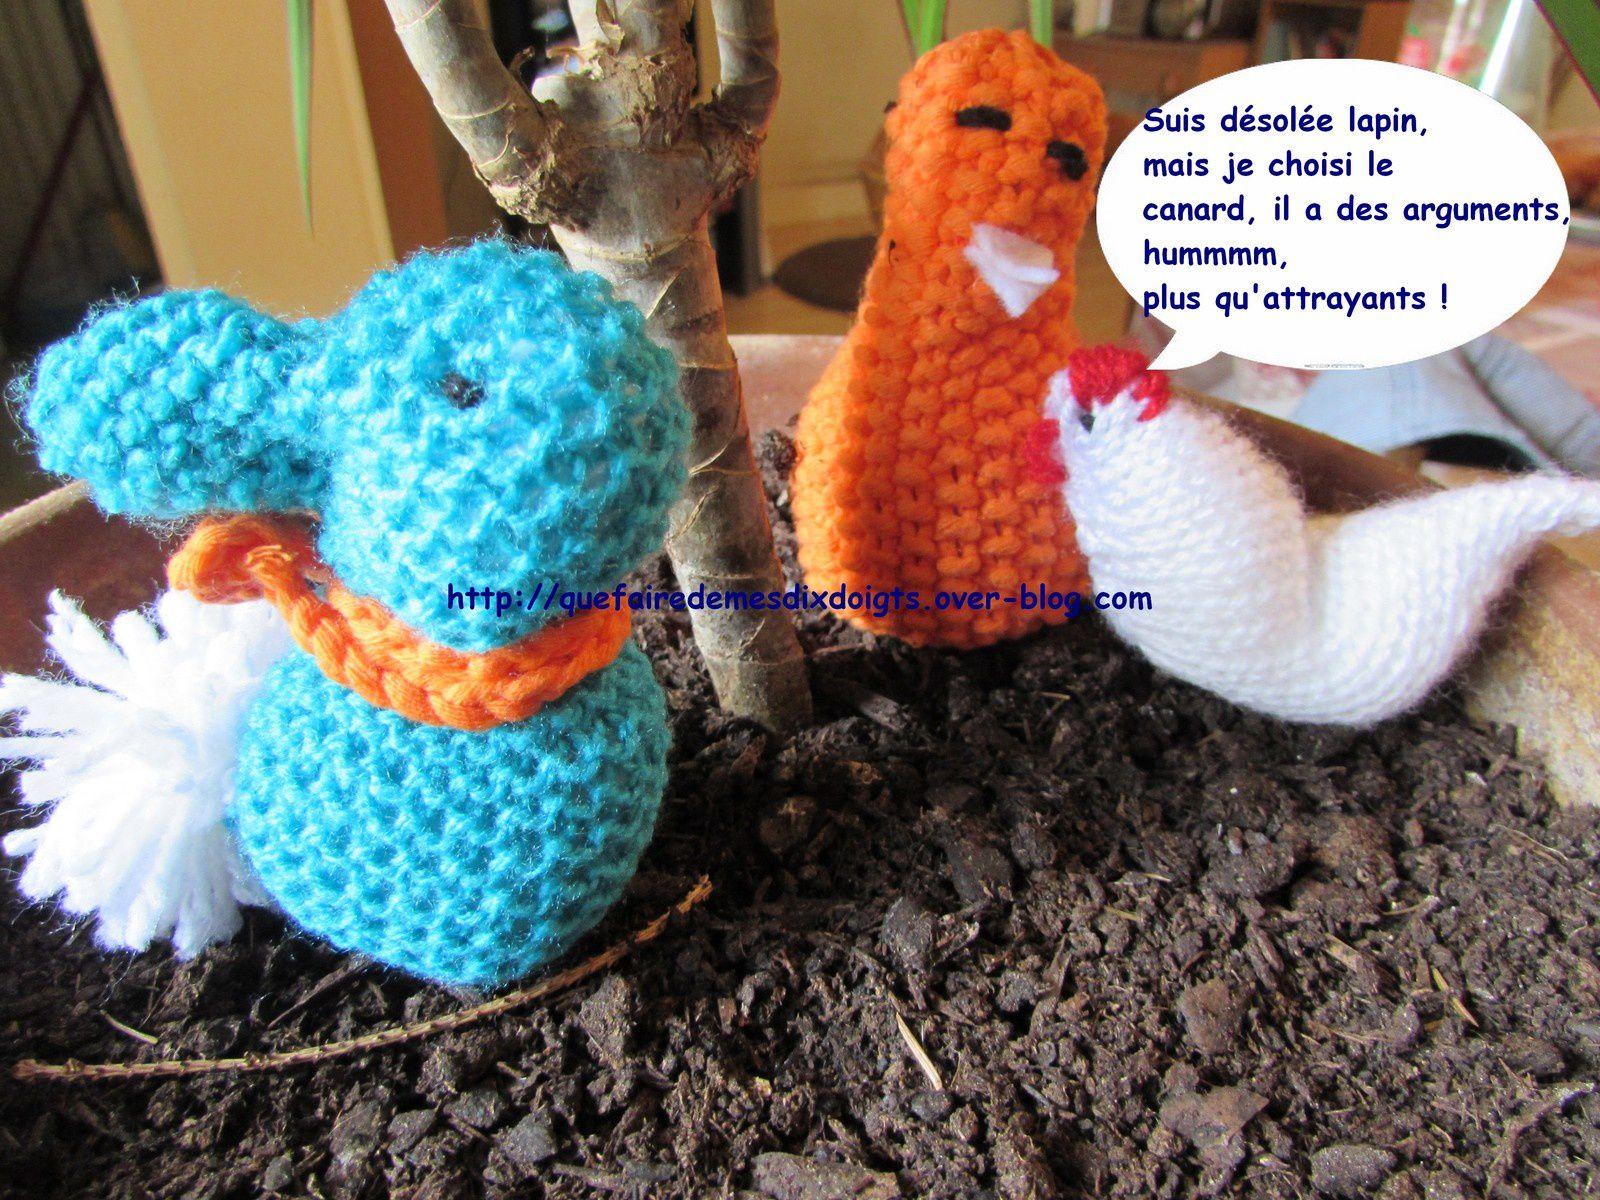 Le lapin, la poulette et le canard